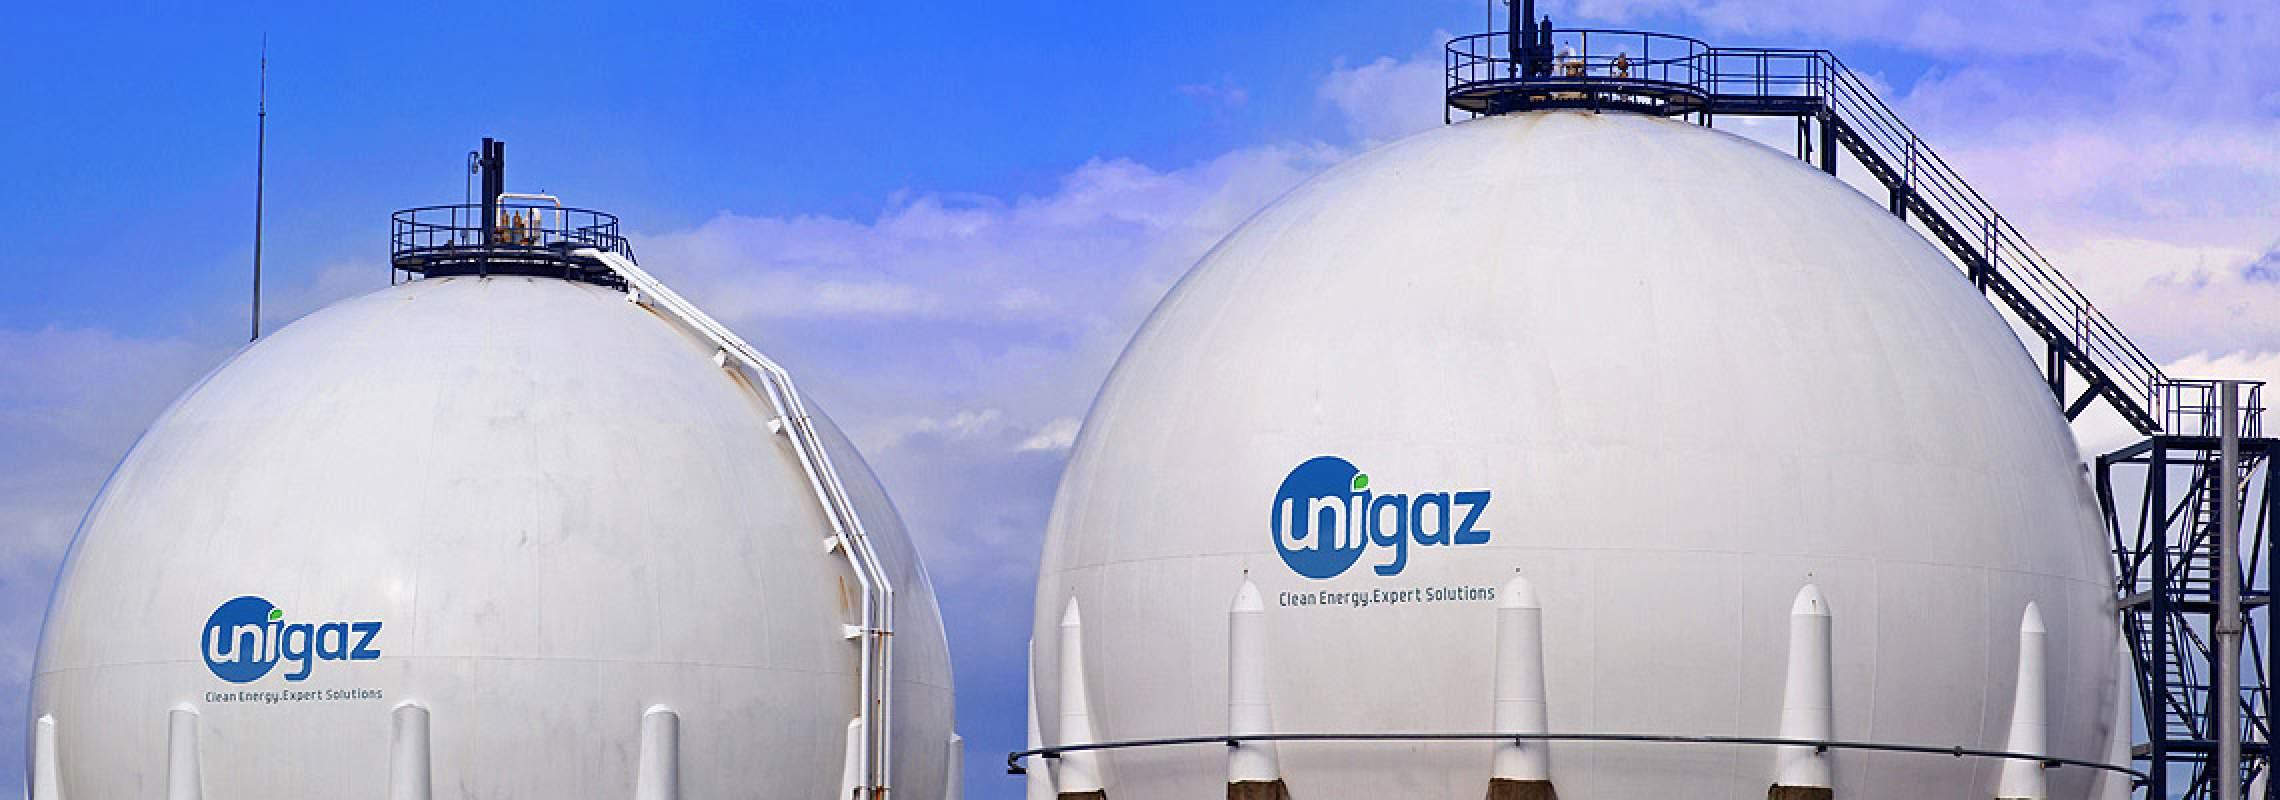 Unigaz Gaz Storage